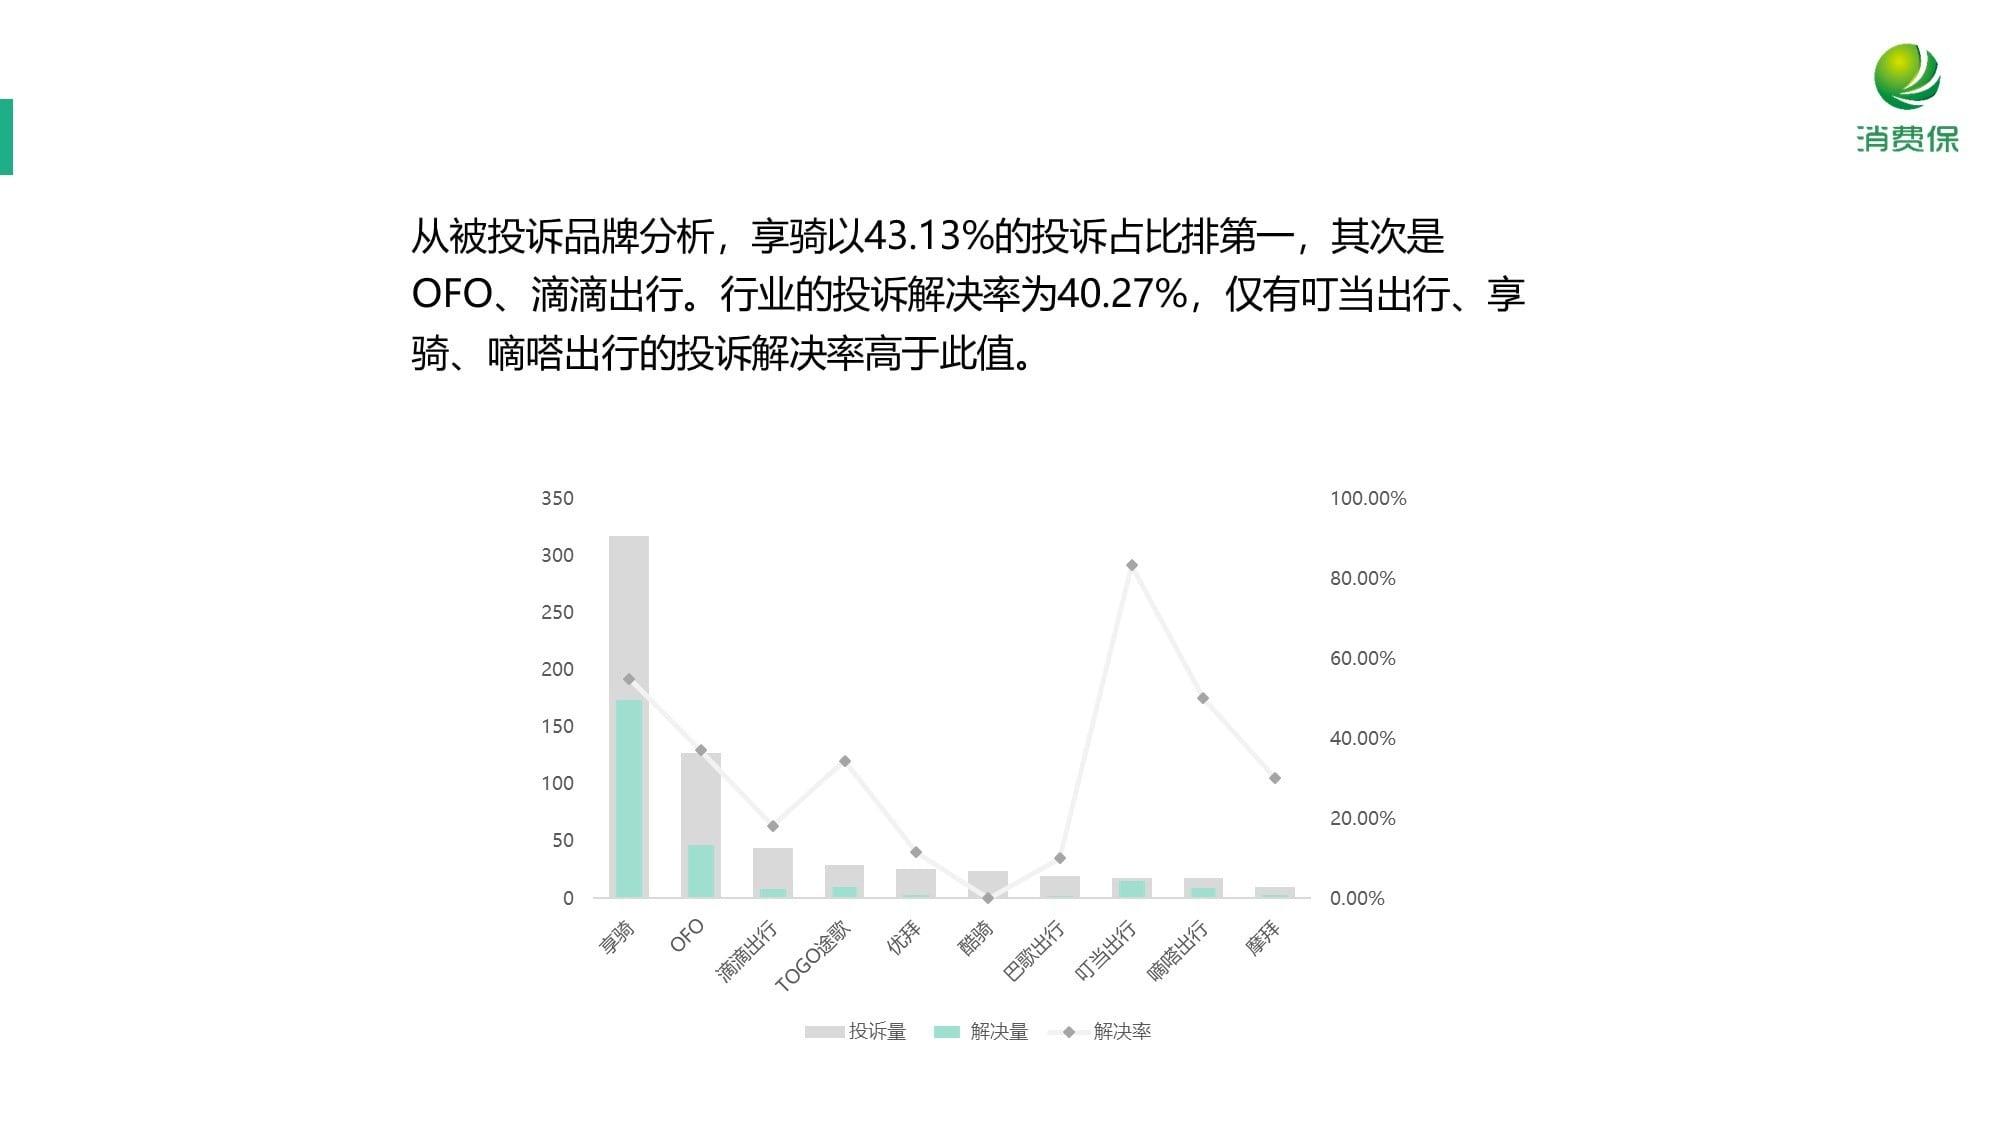 消费保_行业统计行业投诉量环比增长幅度排前三